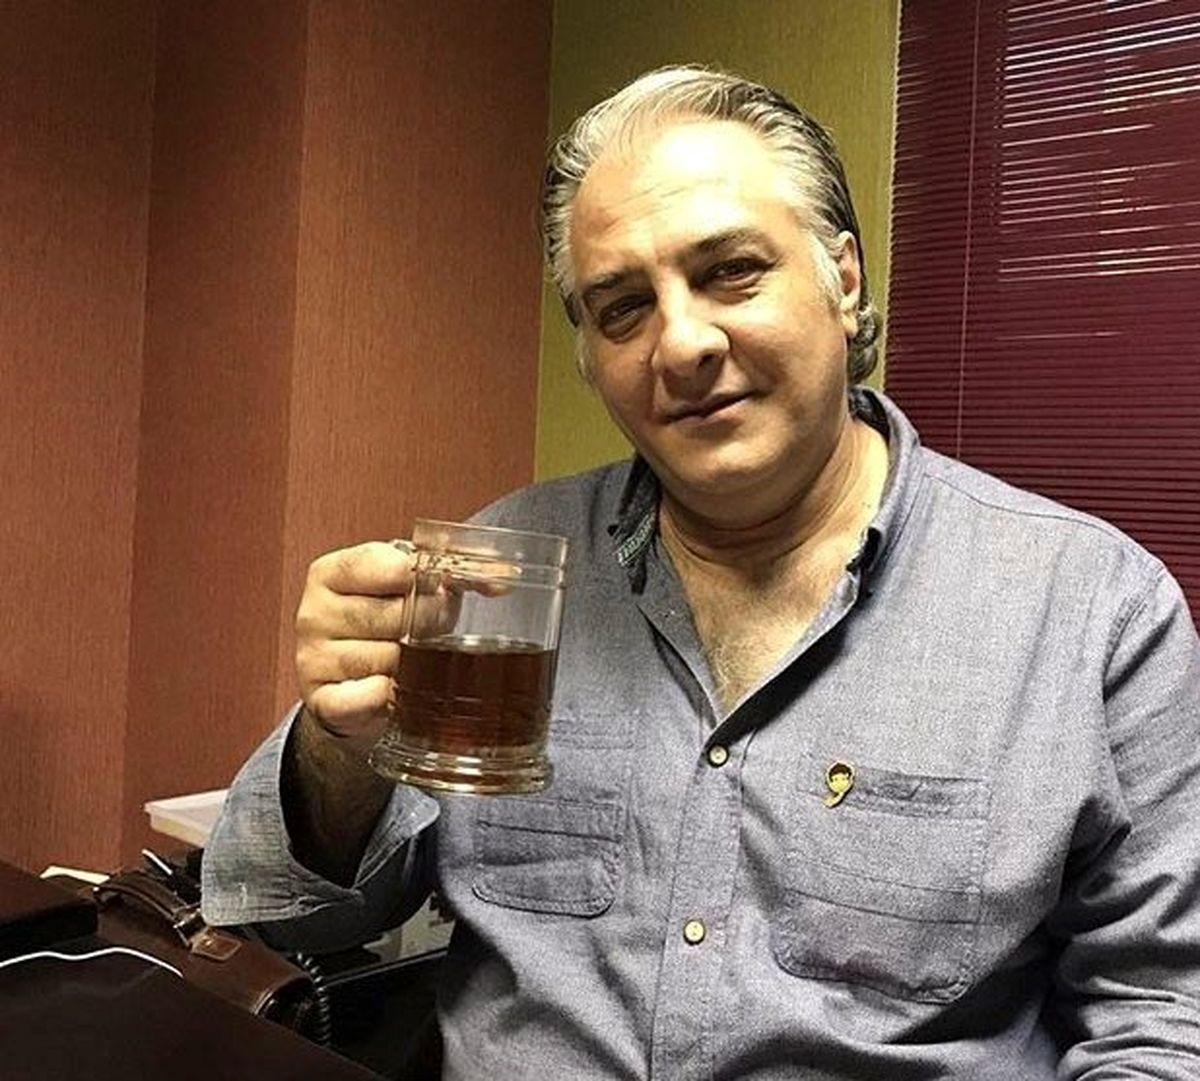 عاشقانه ایرج نوذری برای دخترش لو رفت+ عکس دیده نشده